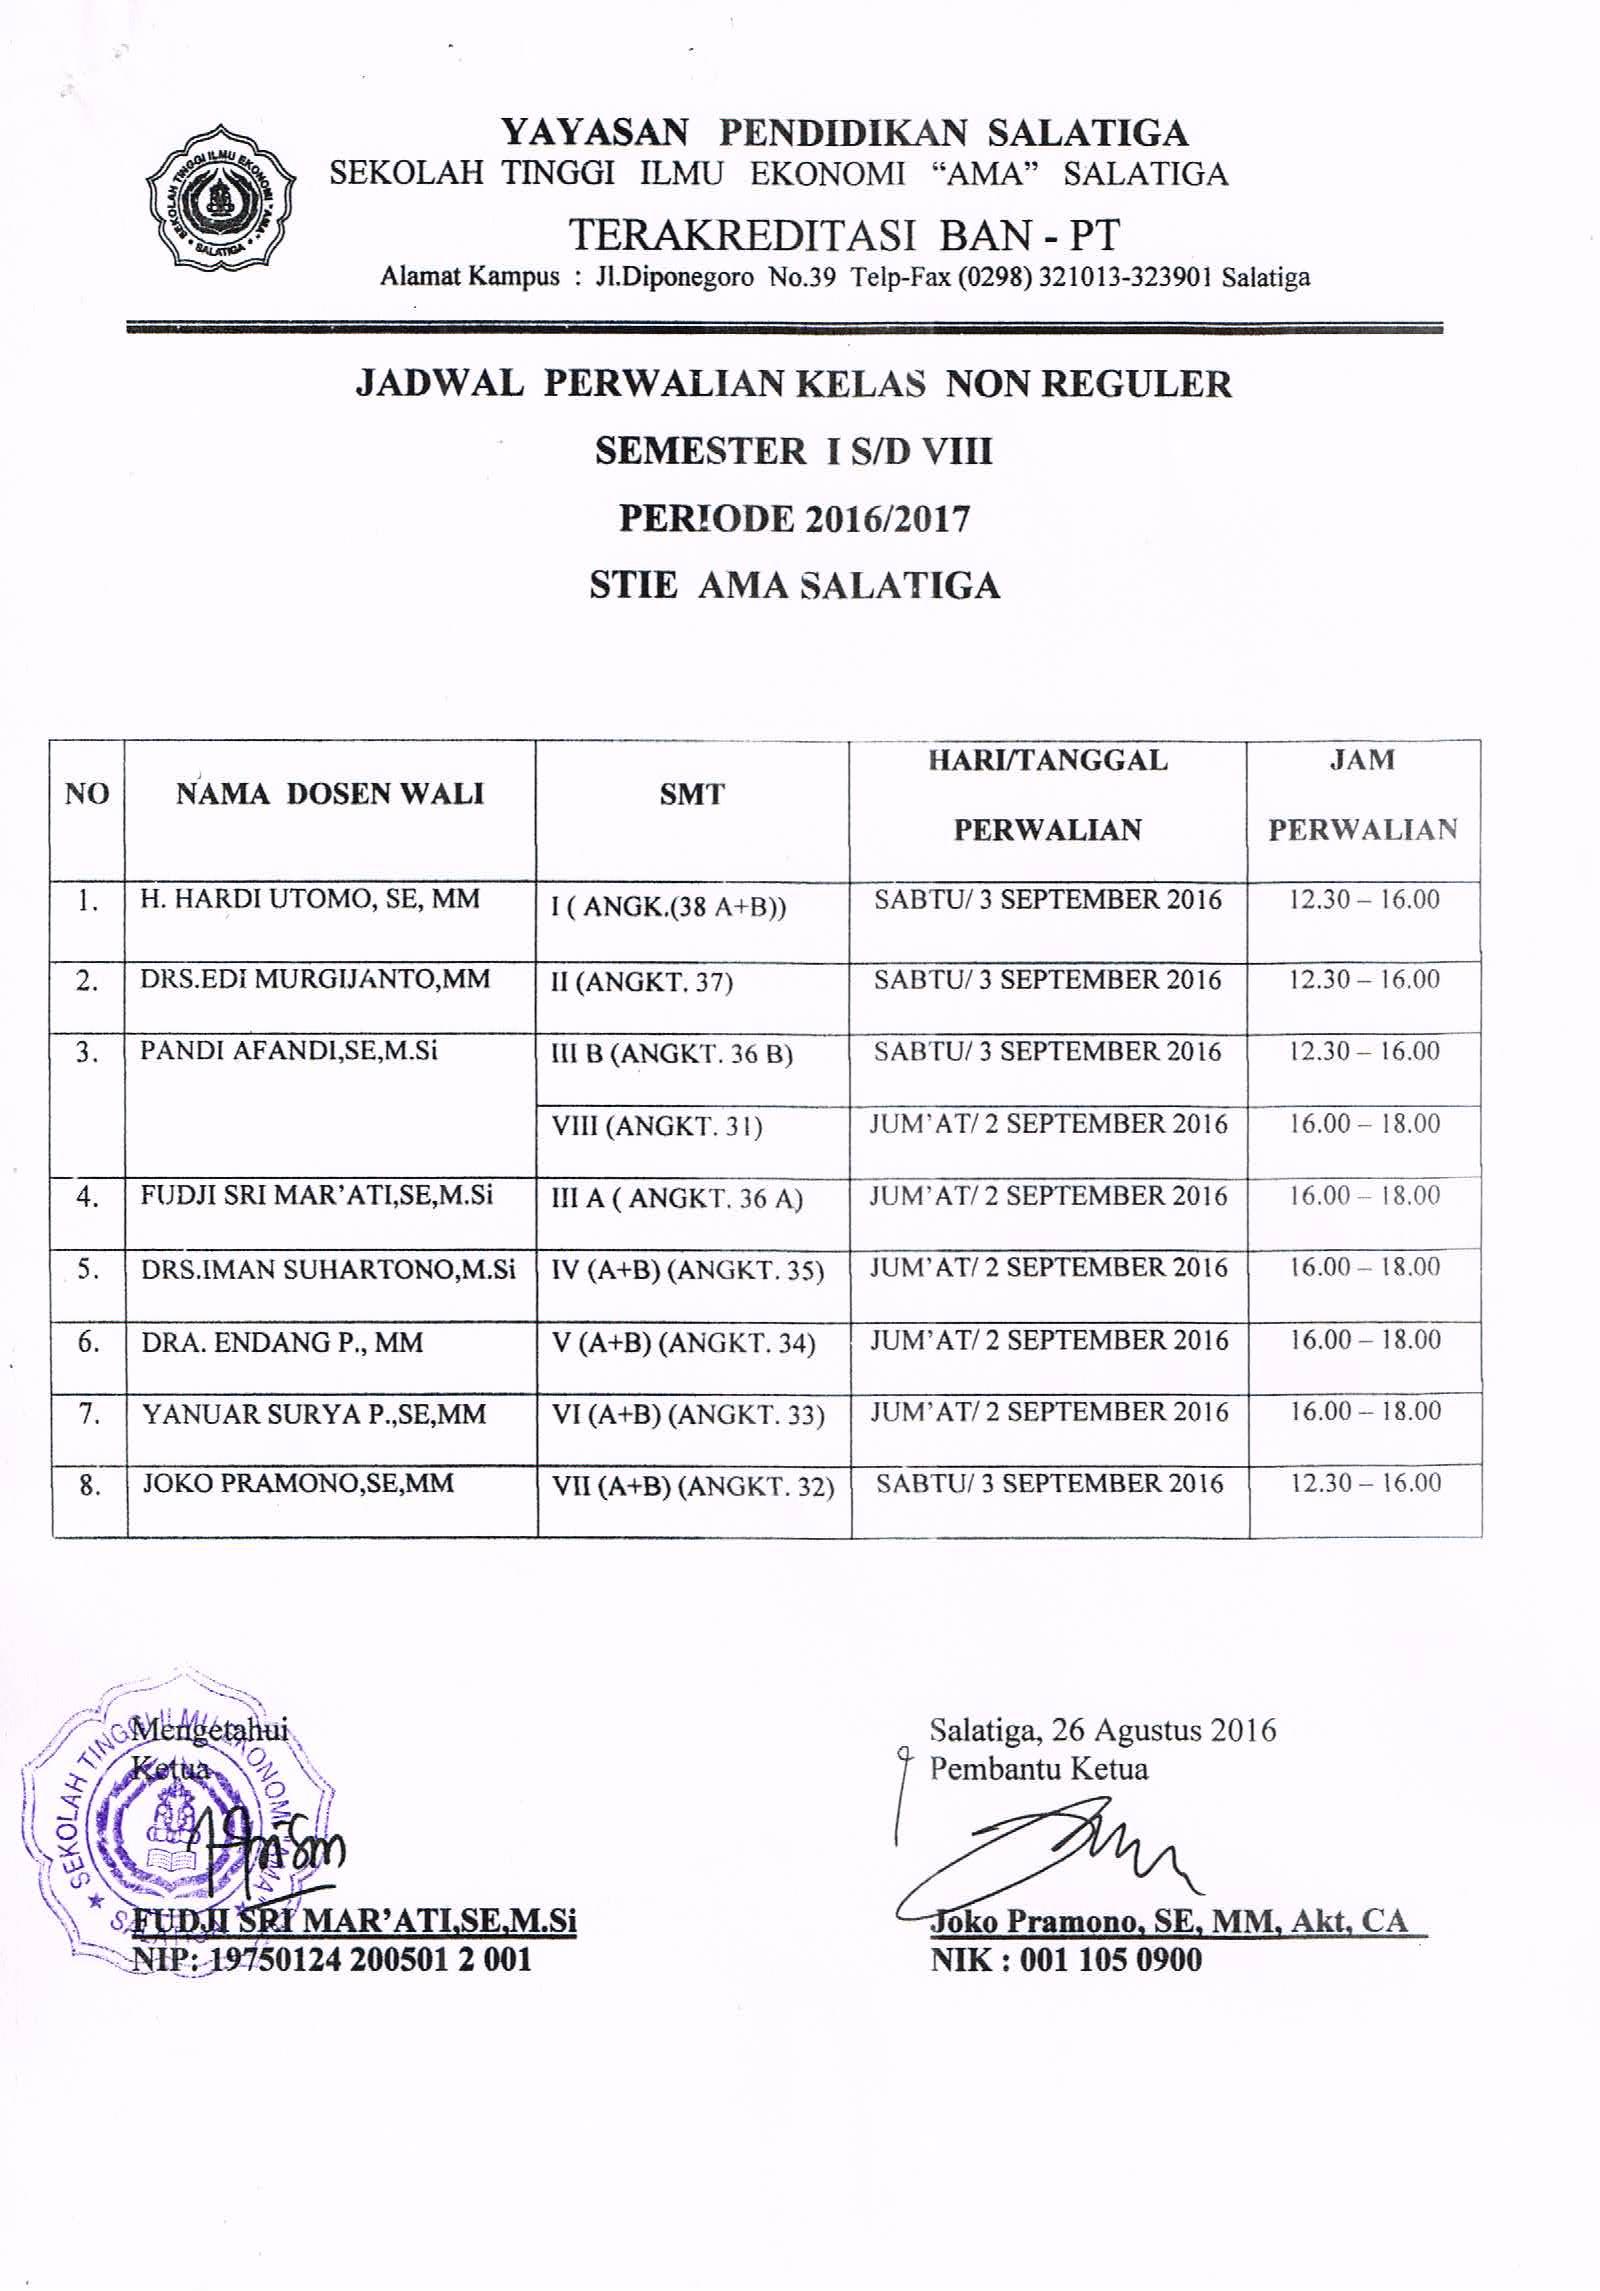 Jadwal Perwalian Mahasiswa kelas NonReguler semester I s/d VIII periode 2016/2017